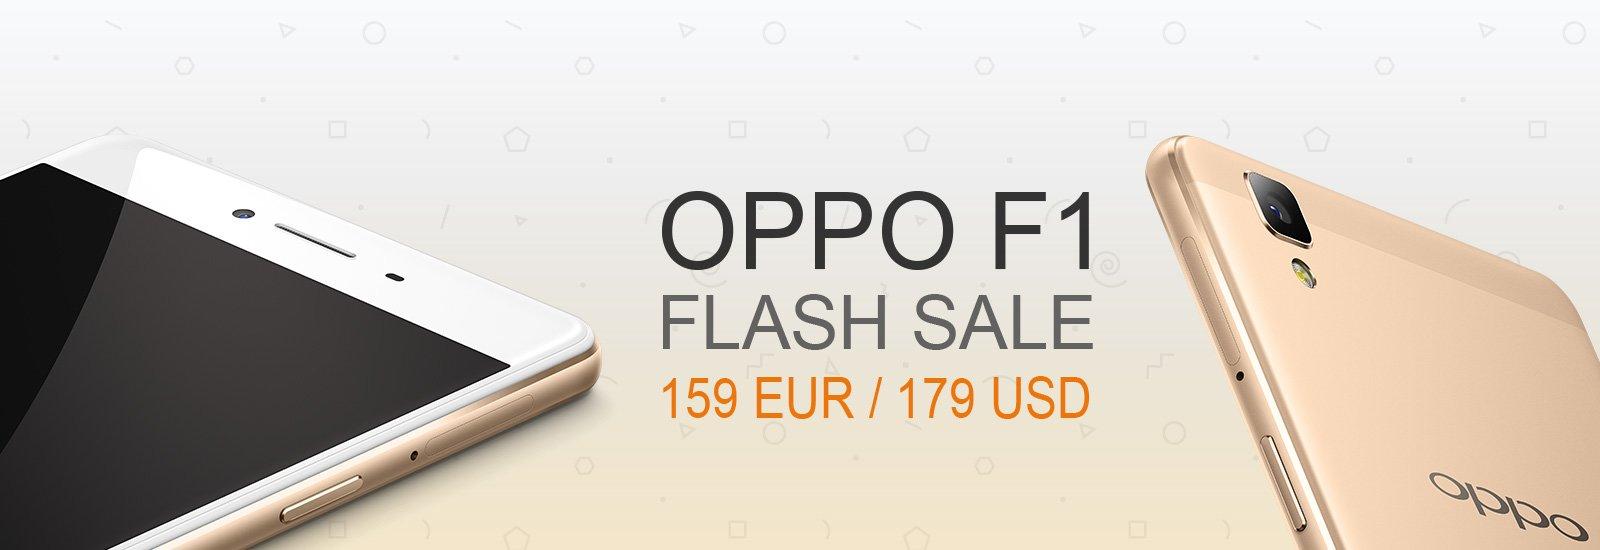 Flash Sale Oppo: Każdy model taniej, a im więcej kupisz, tym większy rabat dostaniesz 17